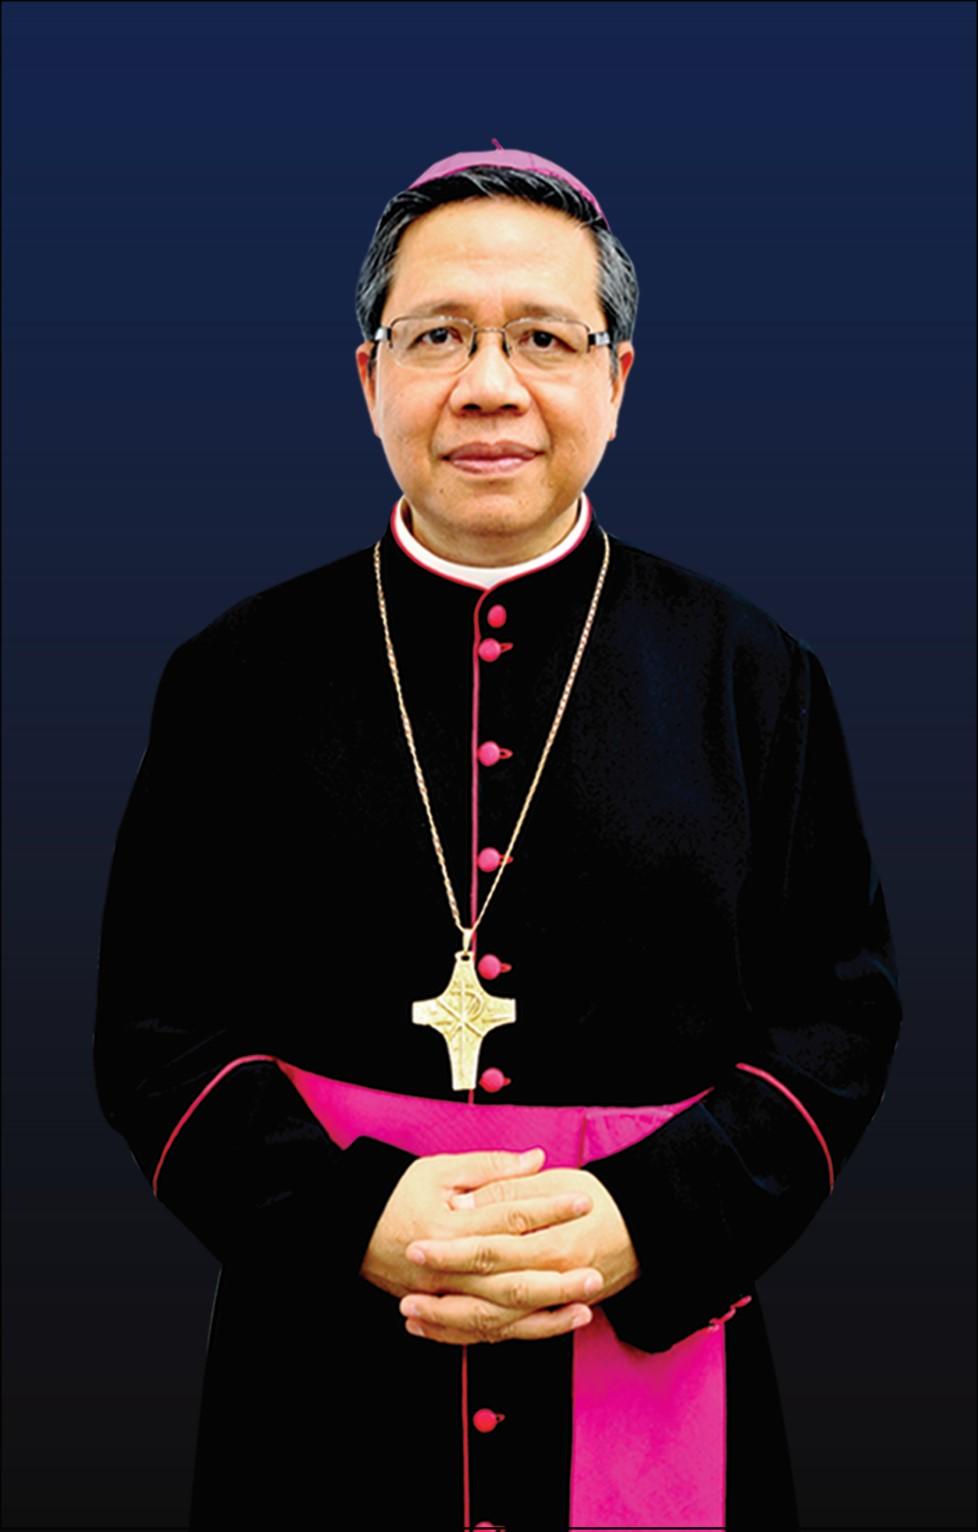 Đức Giáo hoàng Phanxicô đã bổ nhiệm Đức cha Giuse Đỗ Mạnh Hùng làm Giám mục giáo phận Phan Thiết.